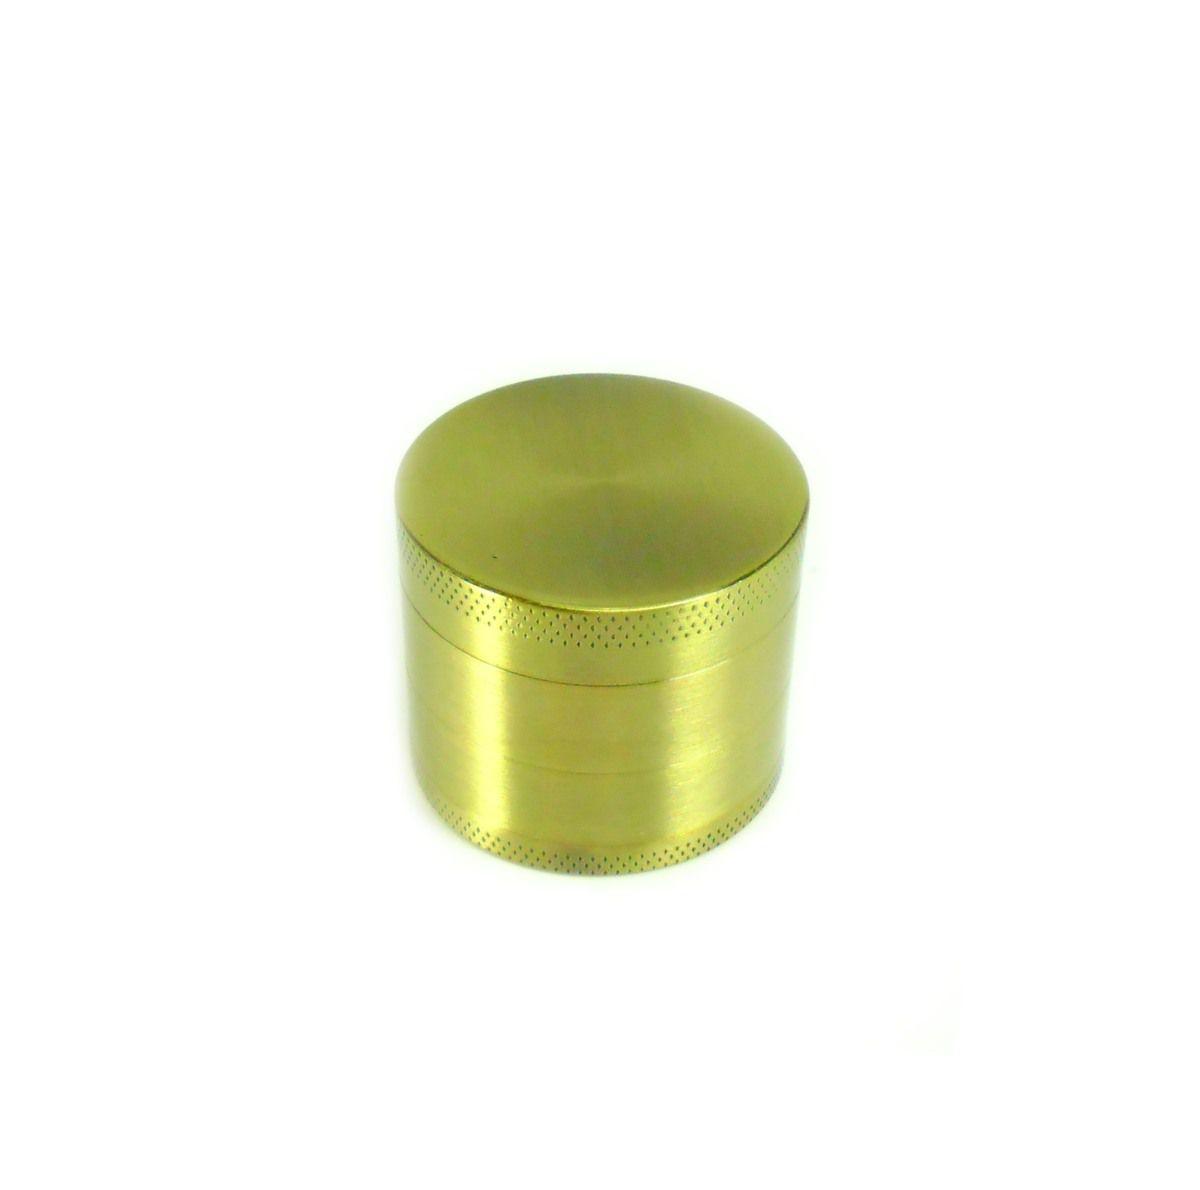 Dichavador/ Desfiador/ Triturador em metal, NEW MÉDIO trifásico (3,4cm. alt / 3,9cm diâm.)